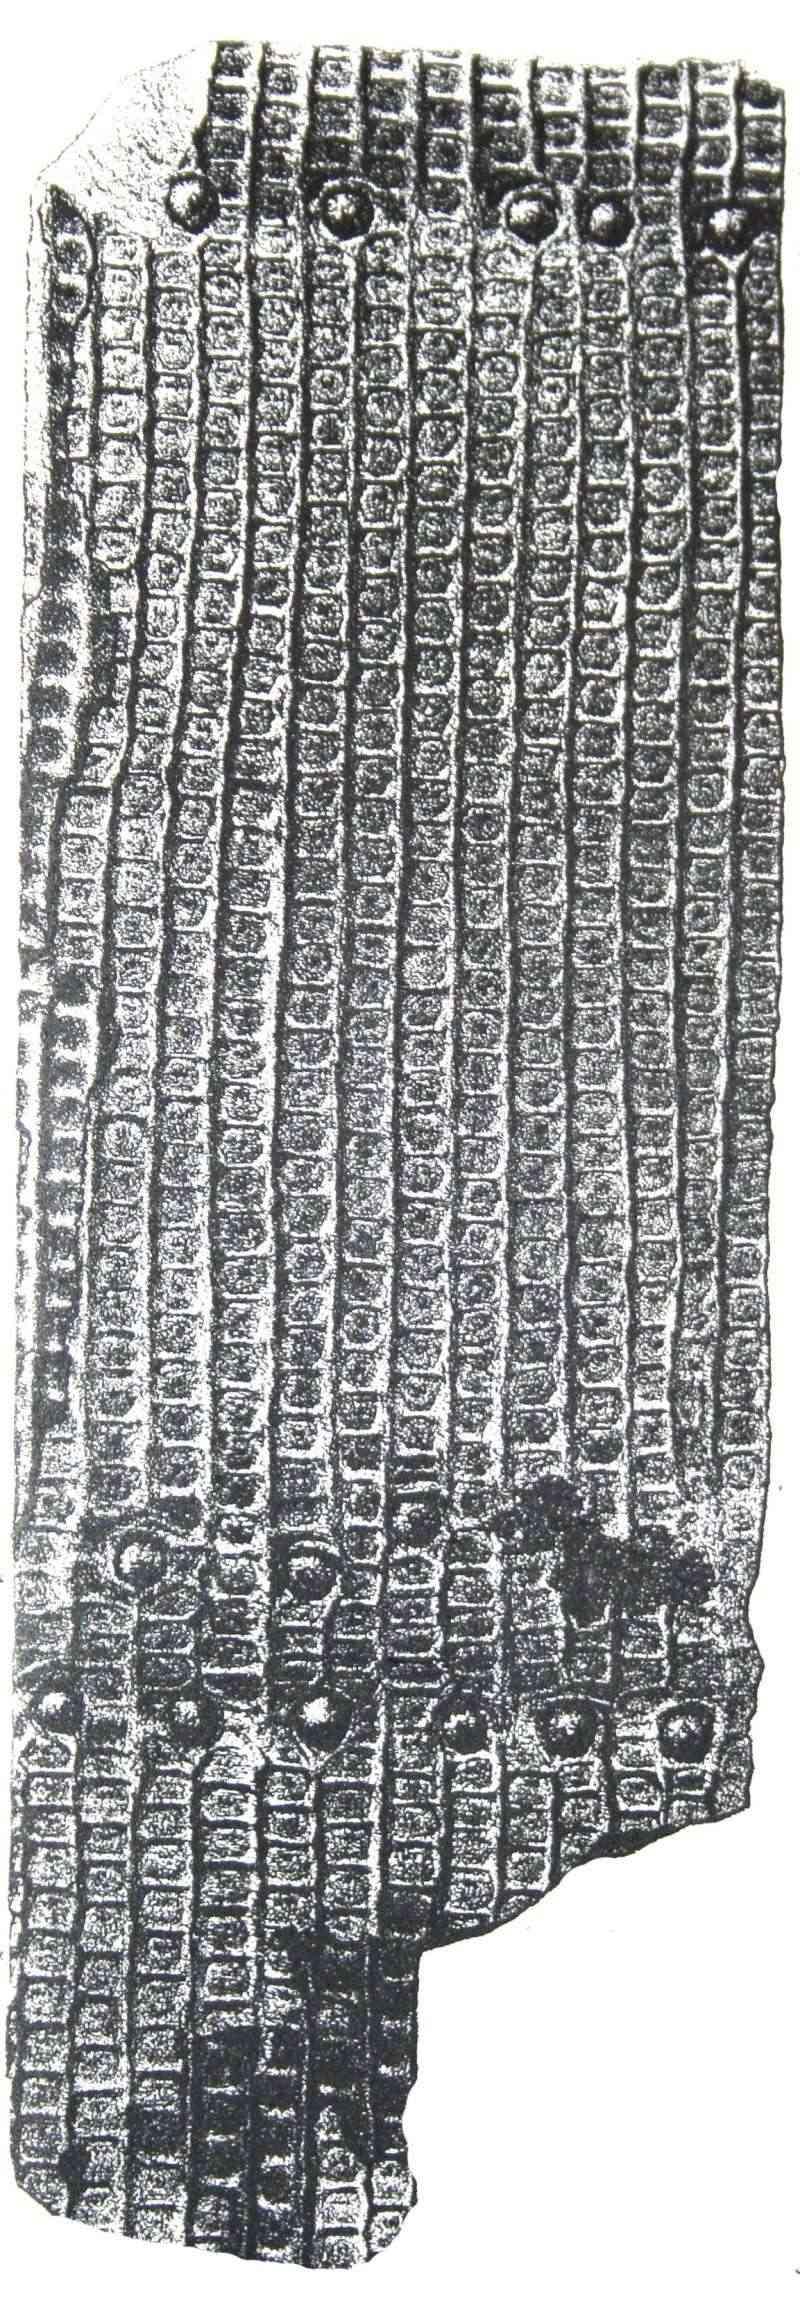 Sigillaria et zone d'insertion des sigillariostrobus Sig_el10